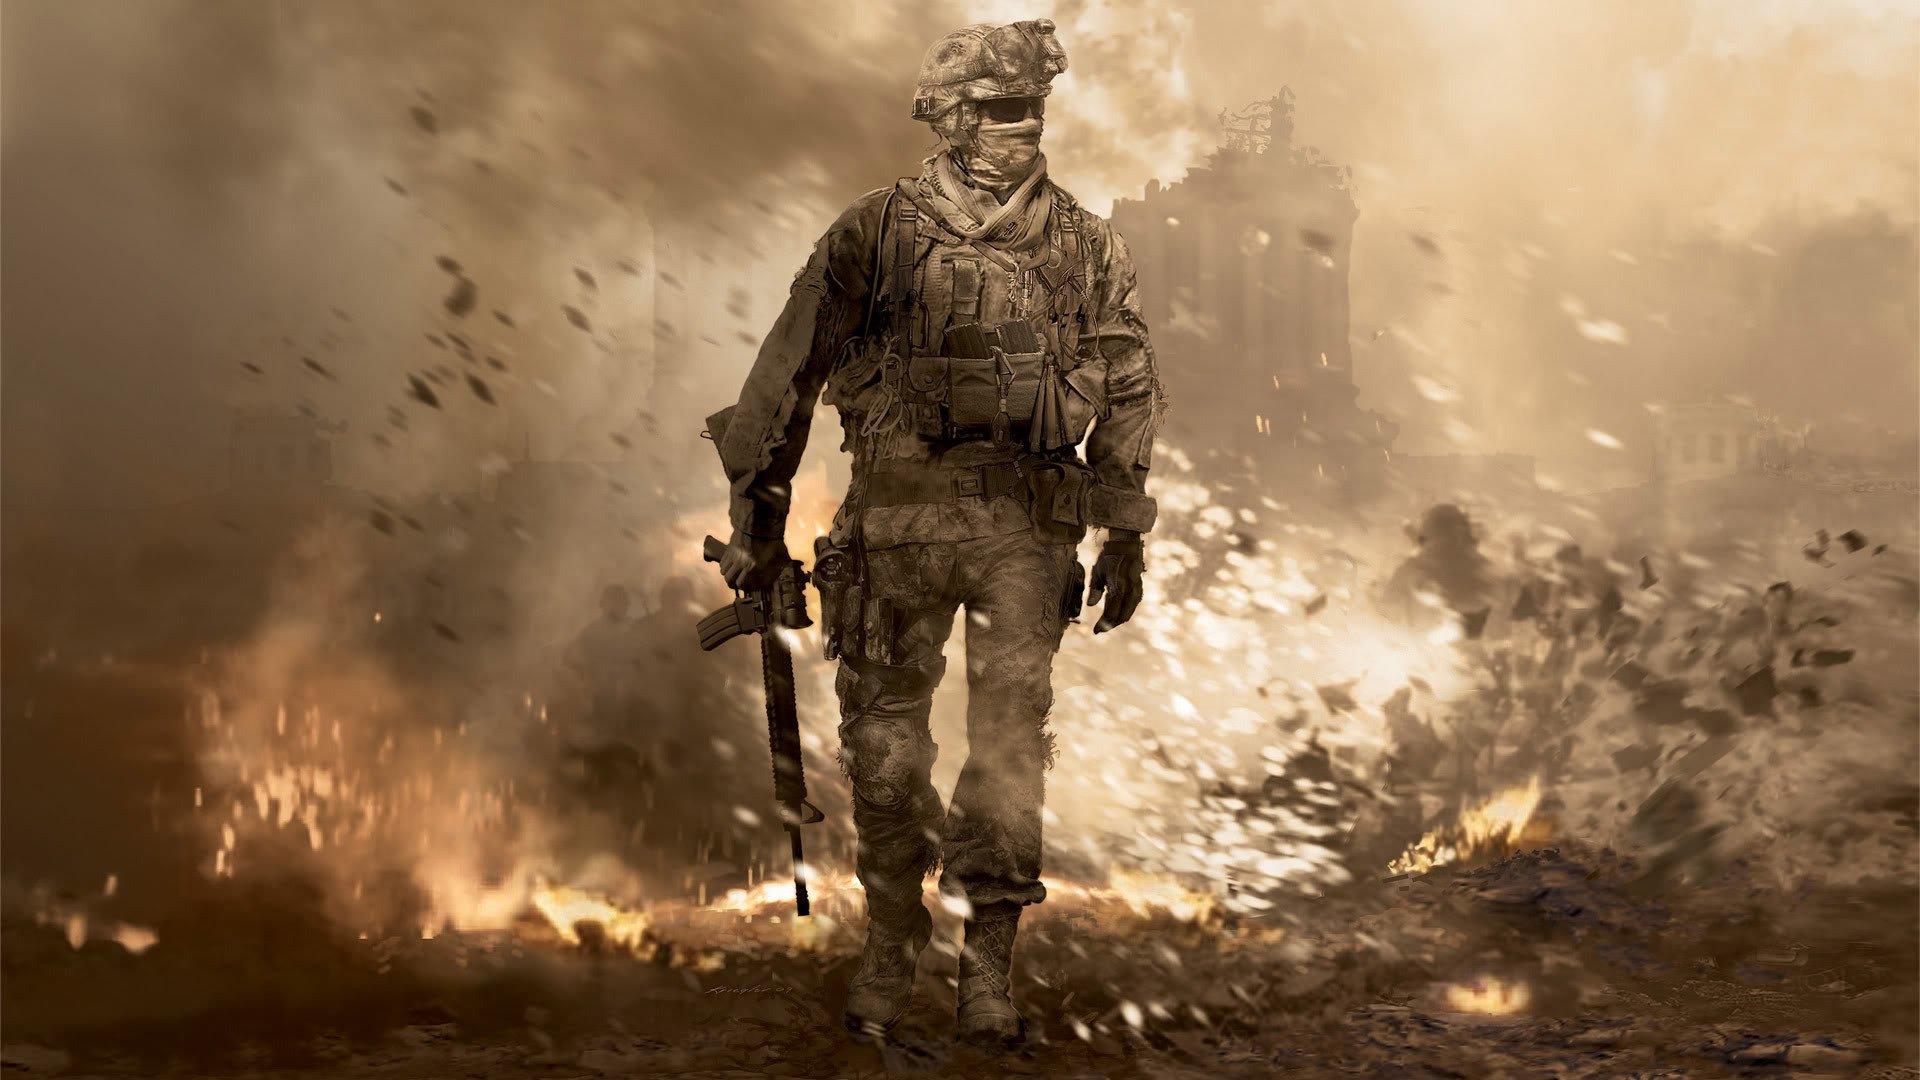 《使命召唤8:现代战争3》联机破解补丁TeknoMW3 2.2